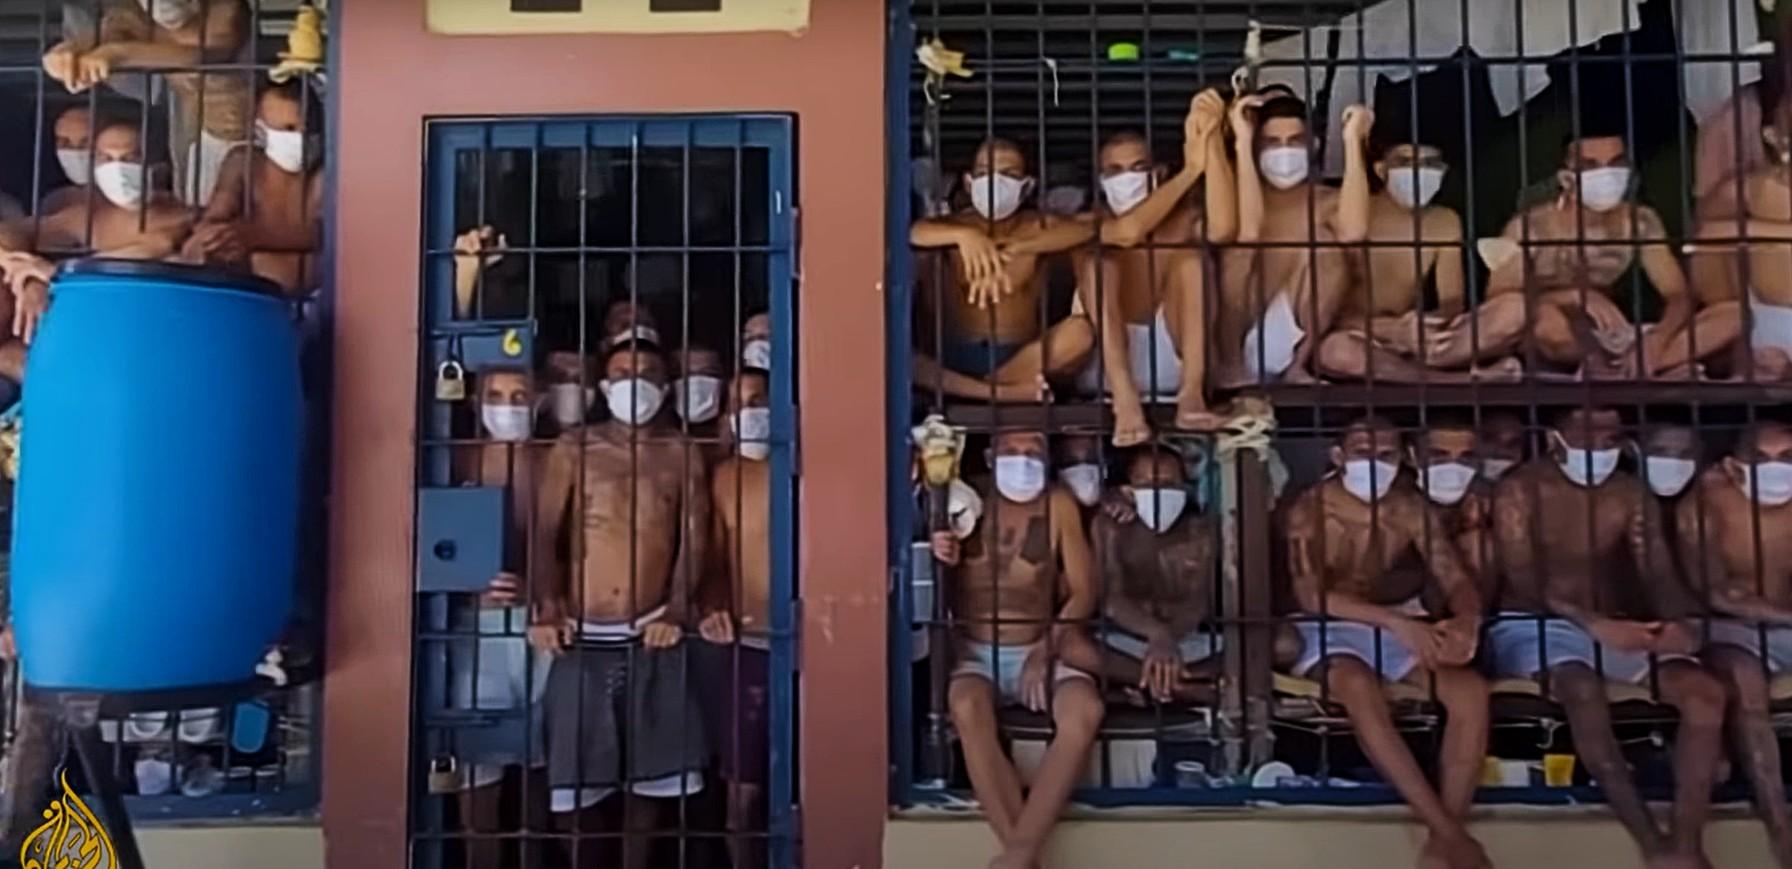 Des prisonniers sont enfermés derrière des barreaux, dans un espace très réduit. Tous portent un short et un masque blancs, et sont aggripés aux barreaux.